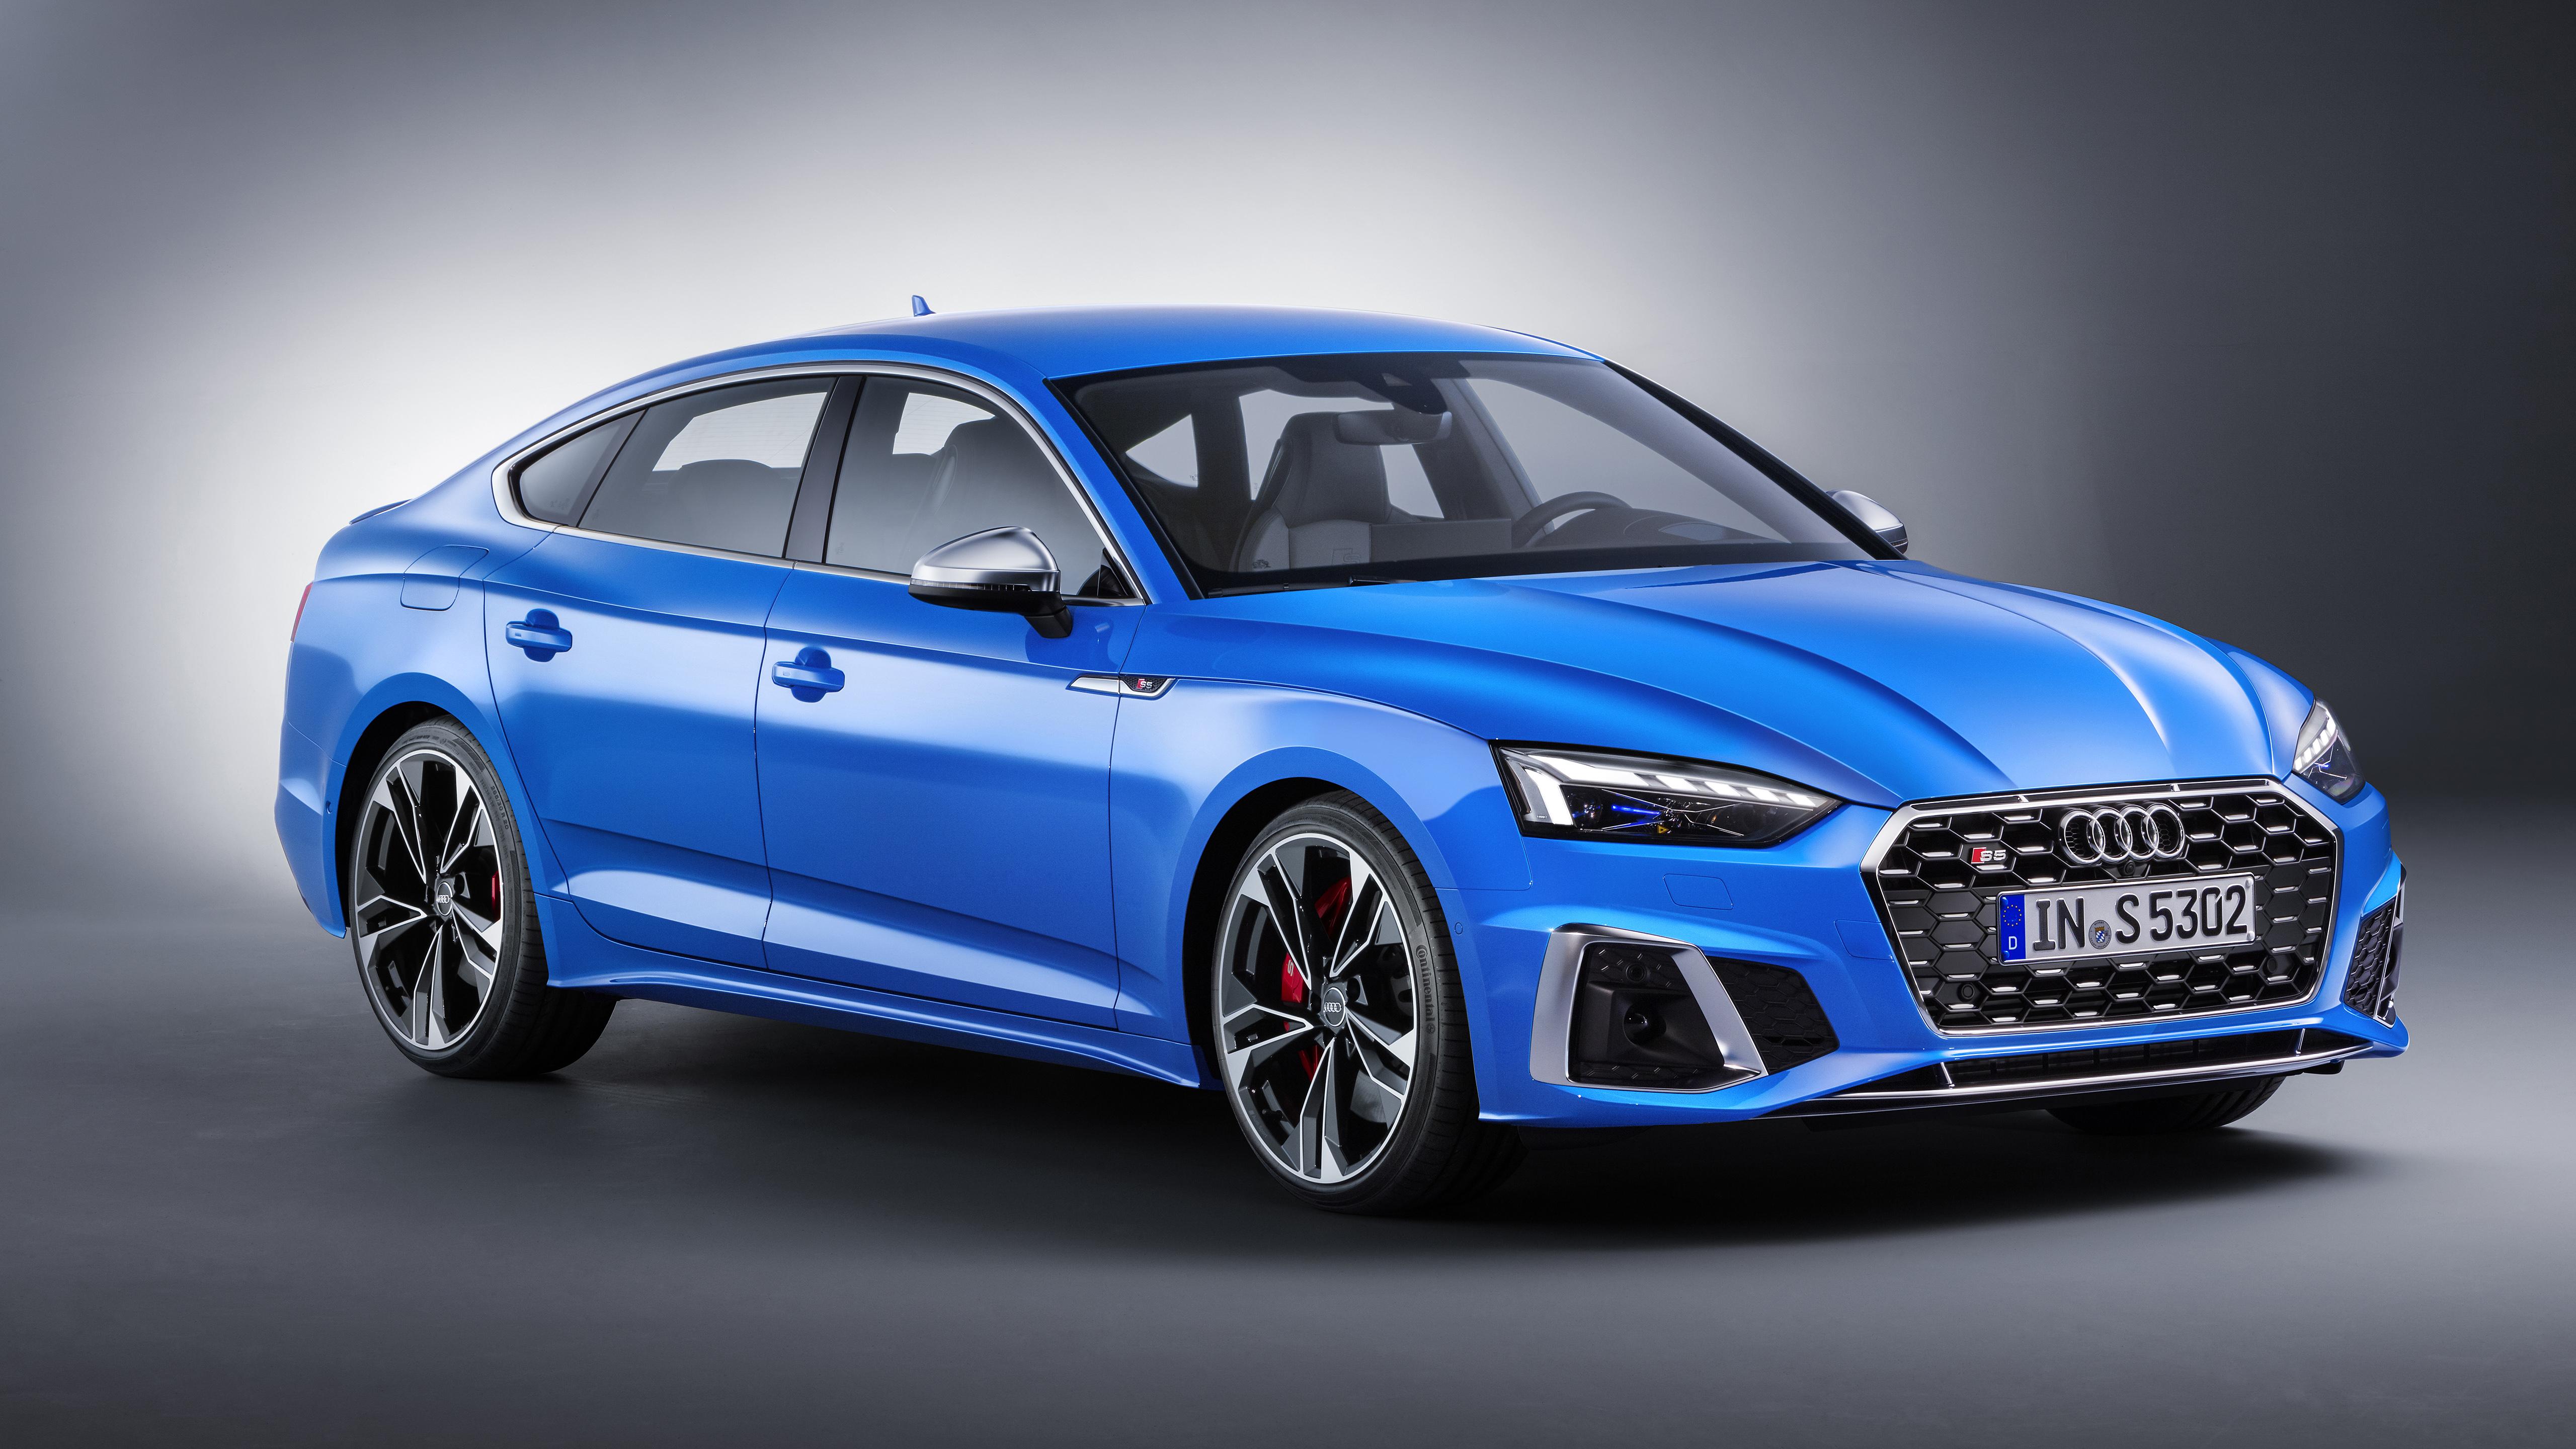 Kelebihan Kekurangan Audi S5 Tdi Top Model Tahun Ini